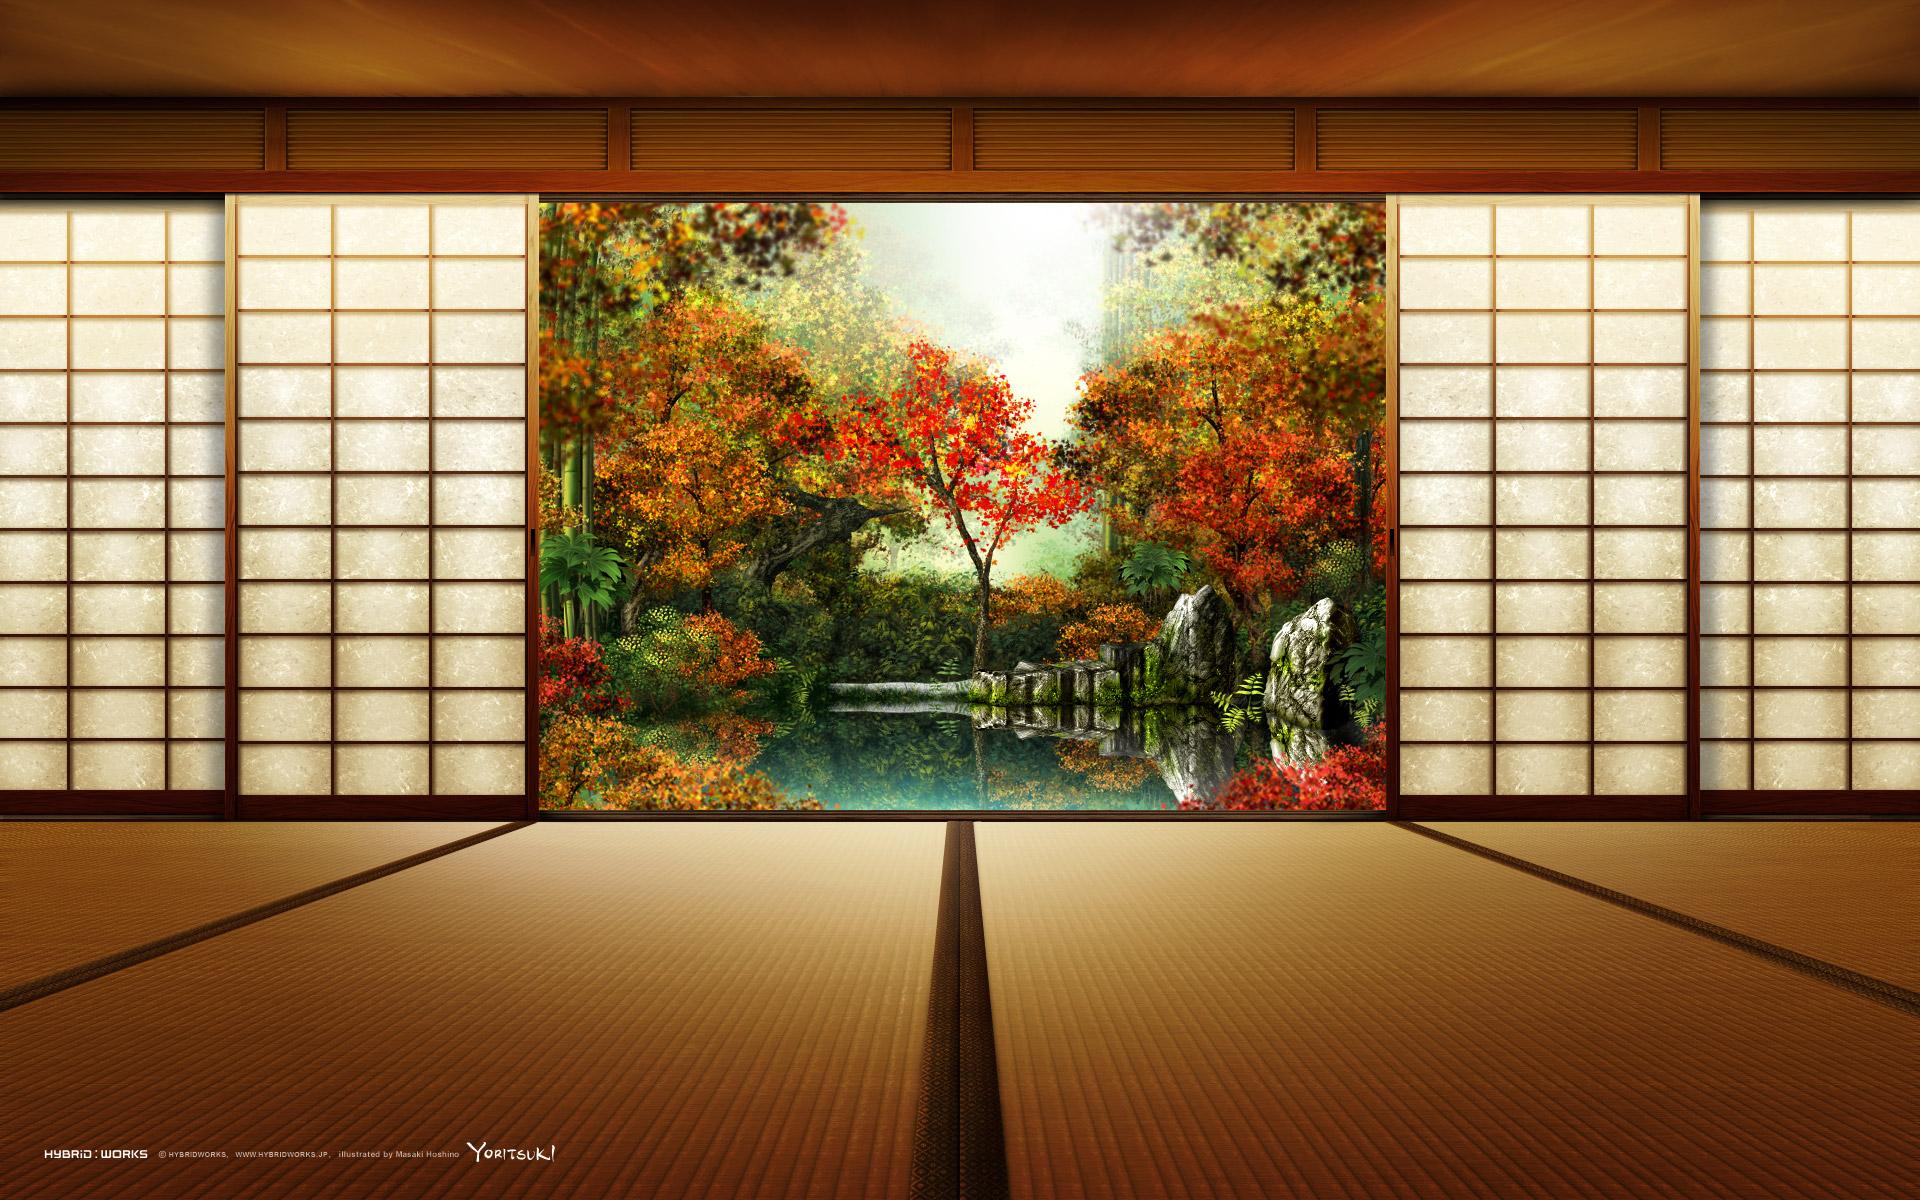 おしゃれでかっこいい!クールなデスクトップ壁紙 ...: matome.naver.jp/odai/2136810424939442701/2136945082557434603